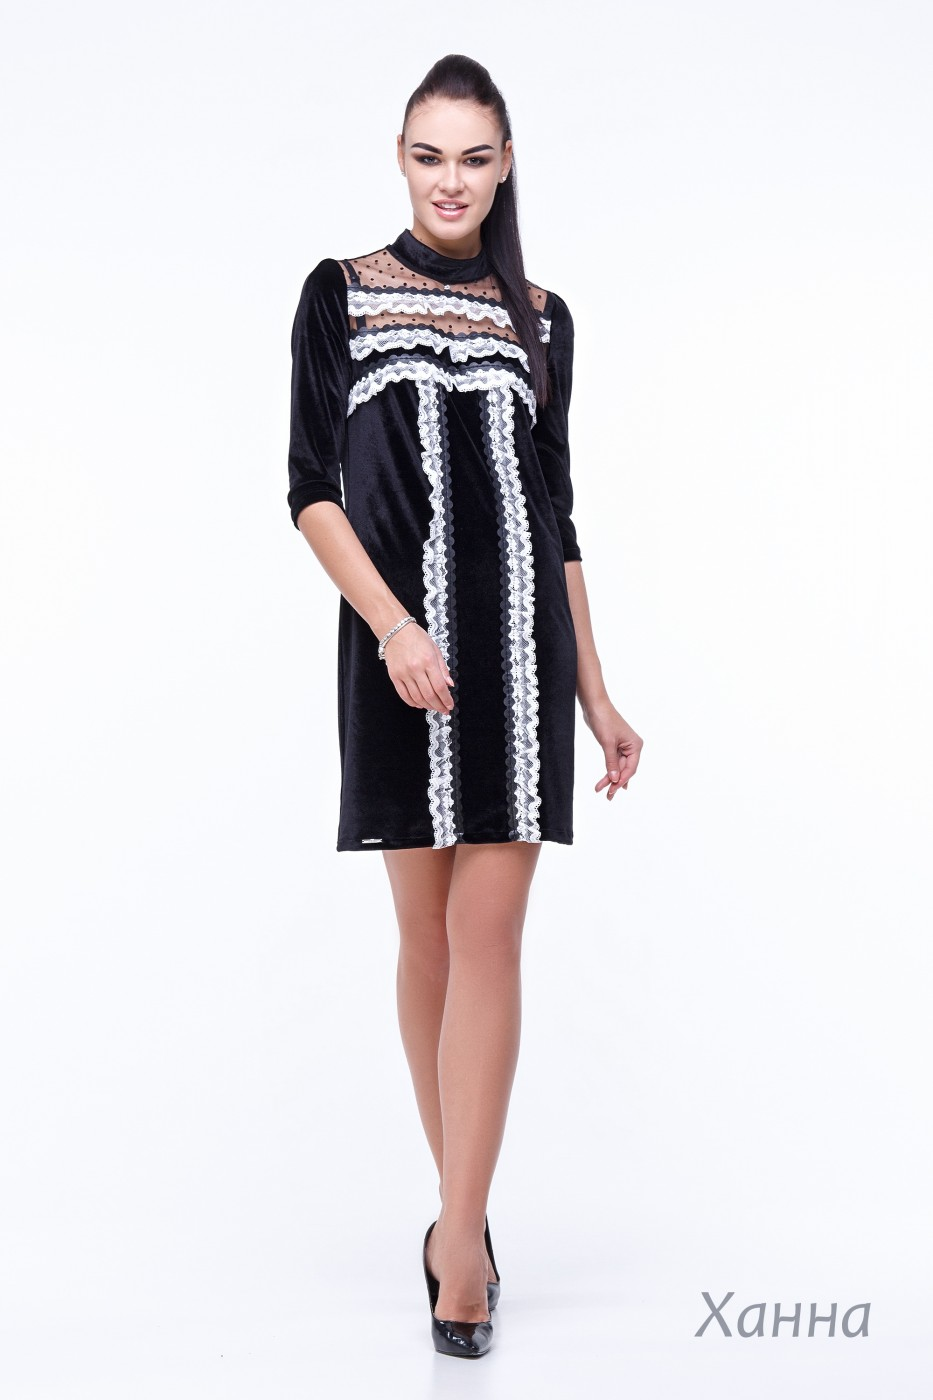 987e328a0fe5cd3 Платье ХАННА цветов черный, чёрный с белой отделкой, синий с чёрной ...